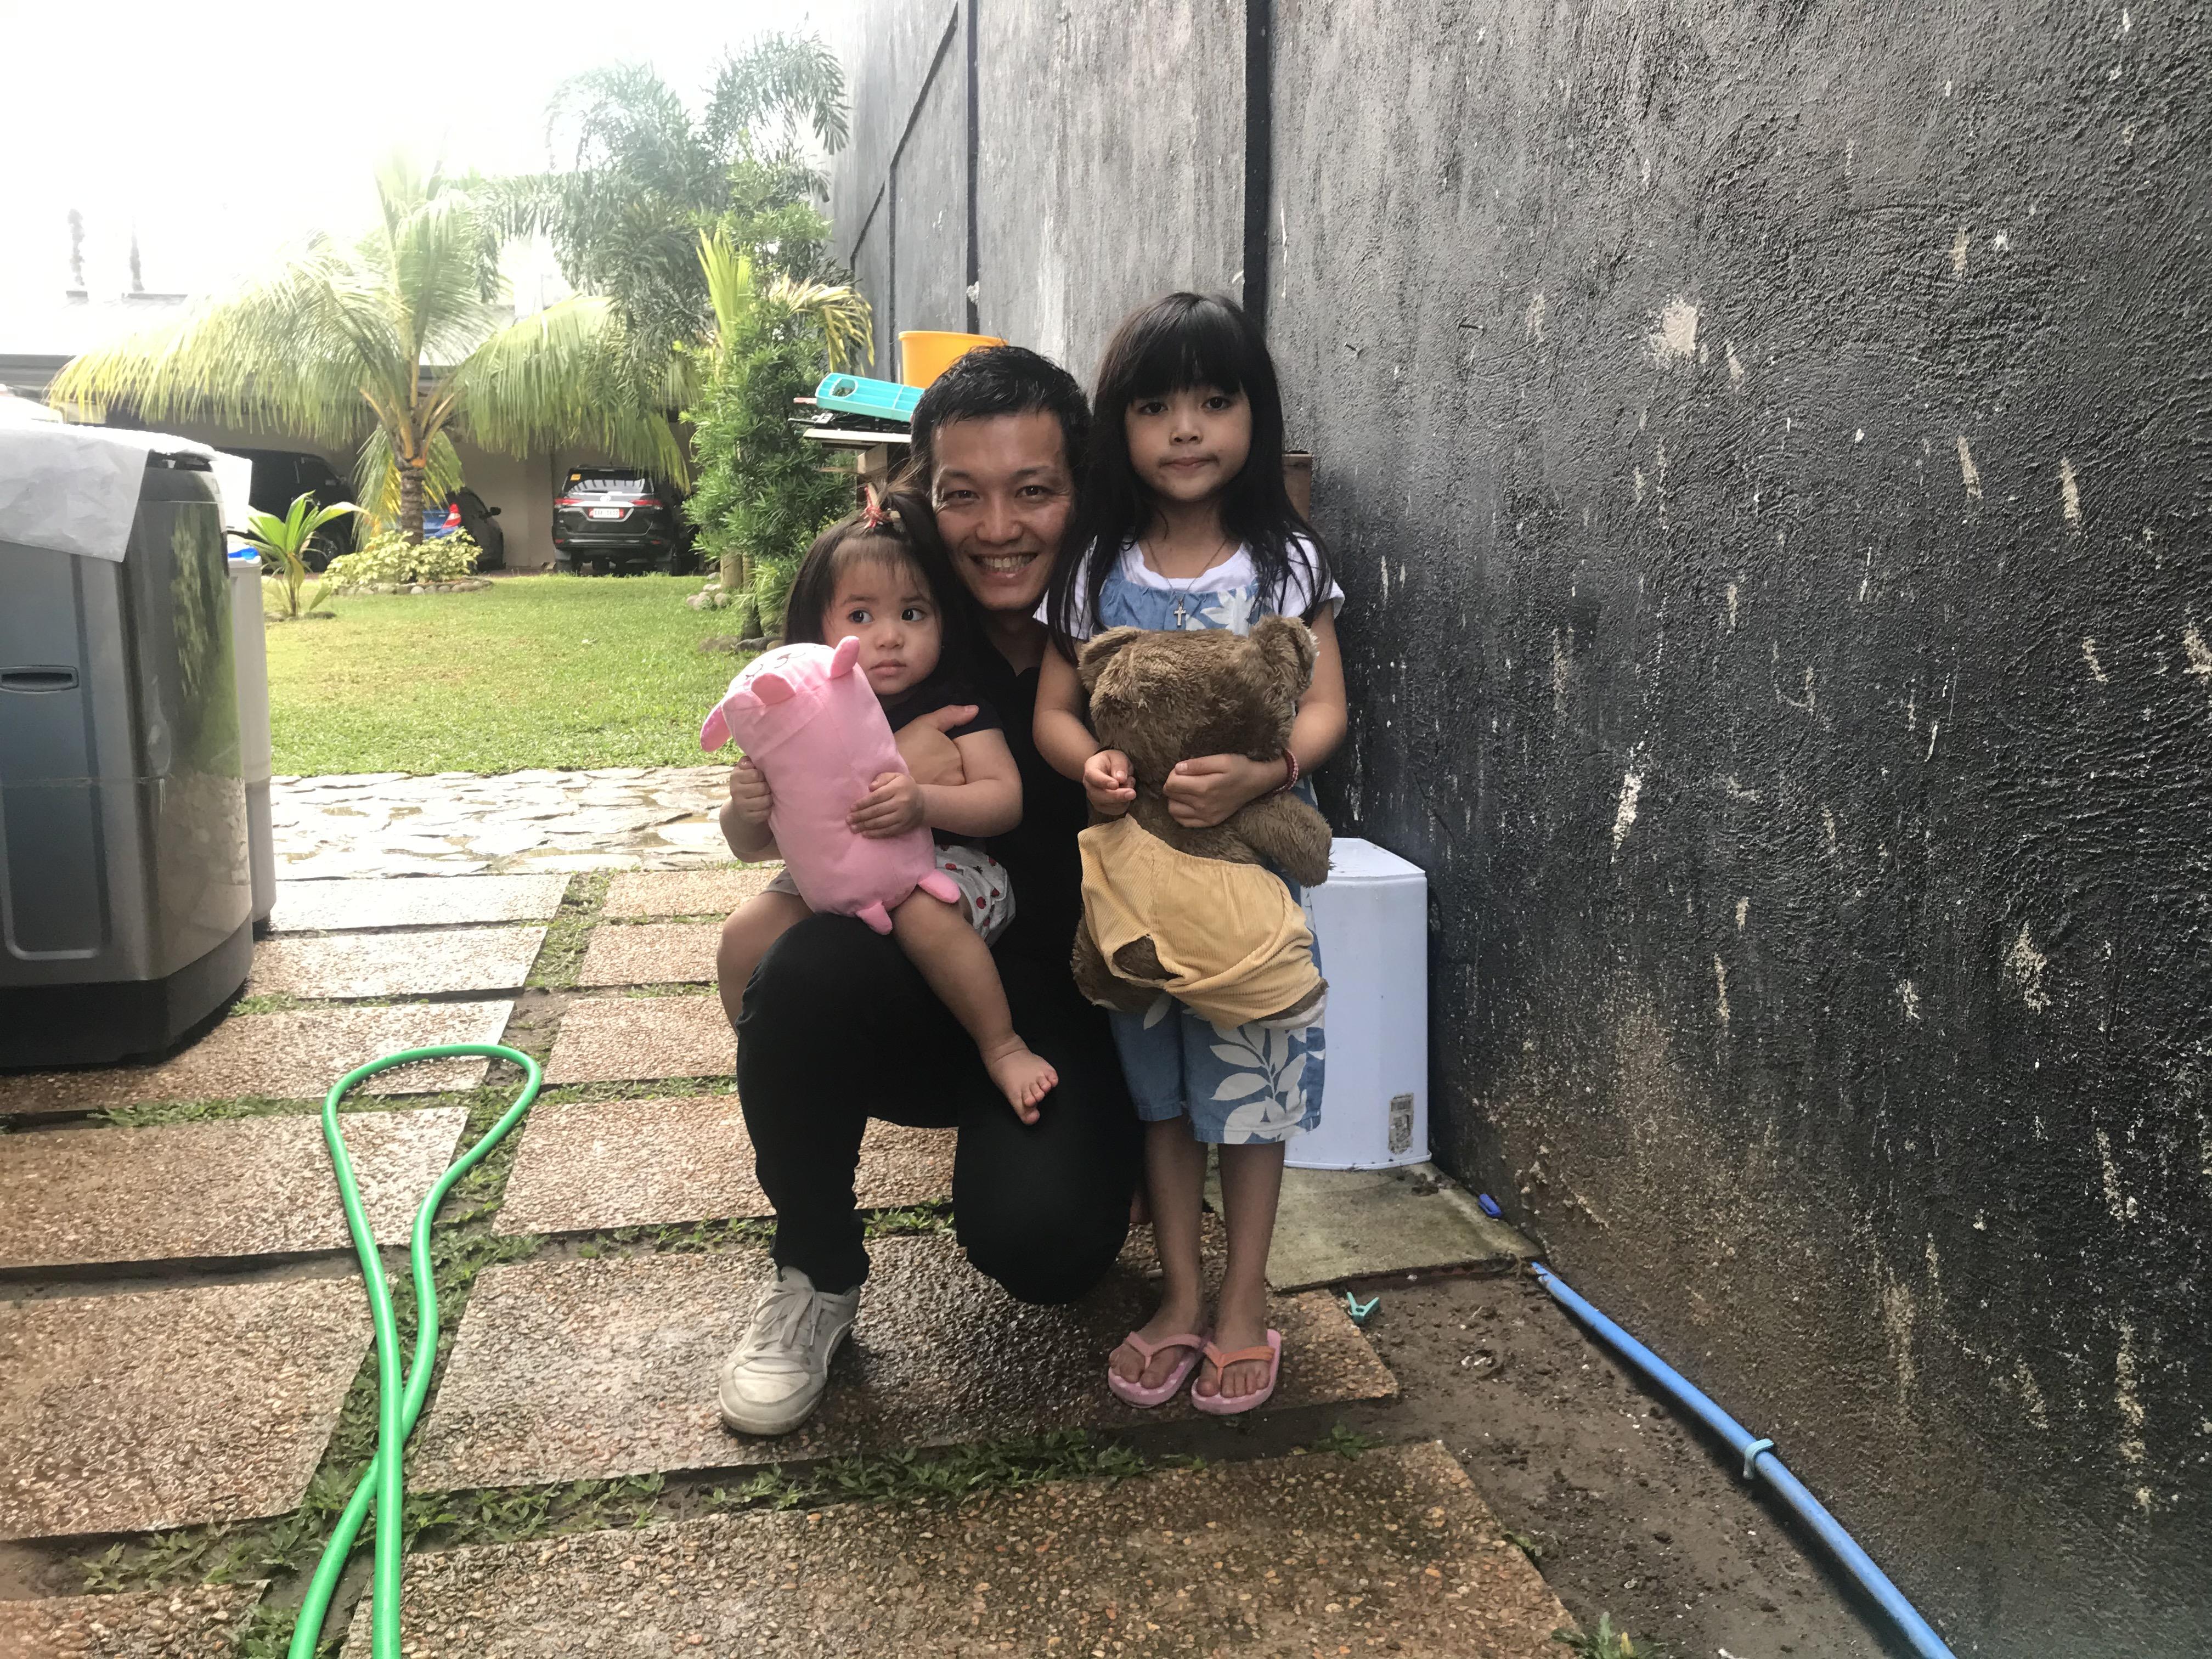 フィリピン現地の子どもに喜んでいただけました!